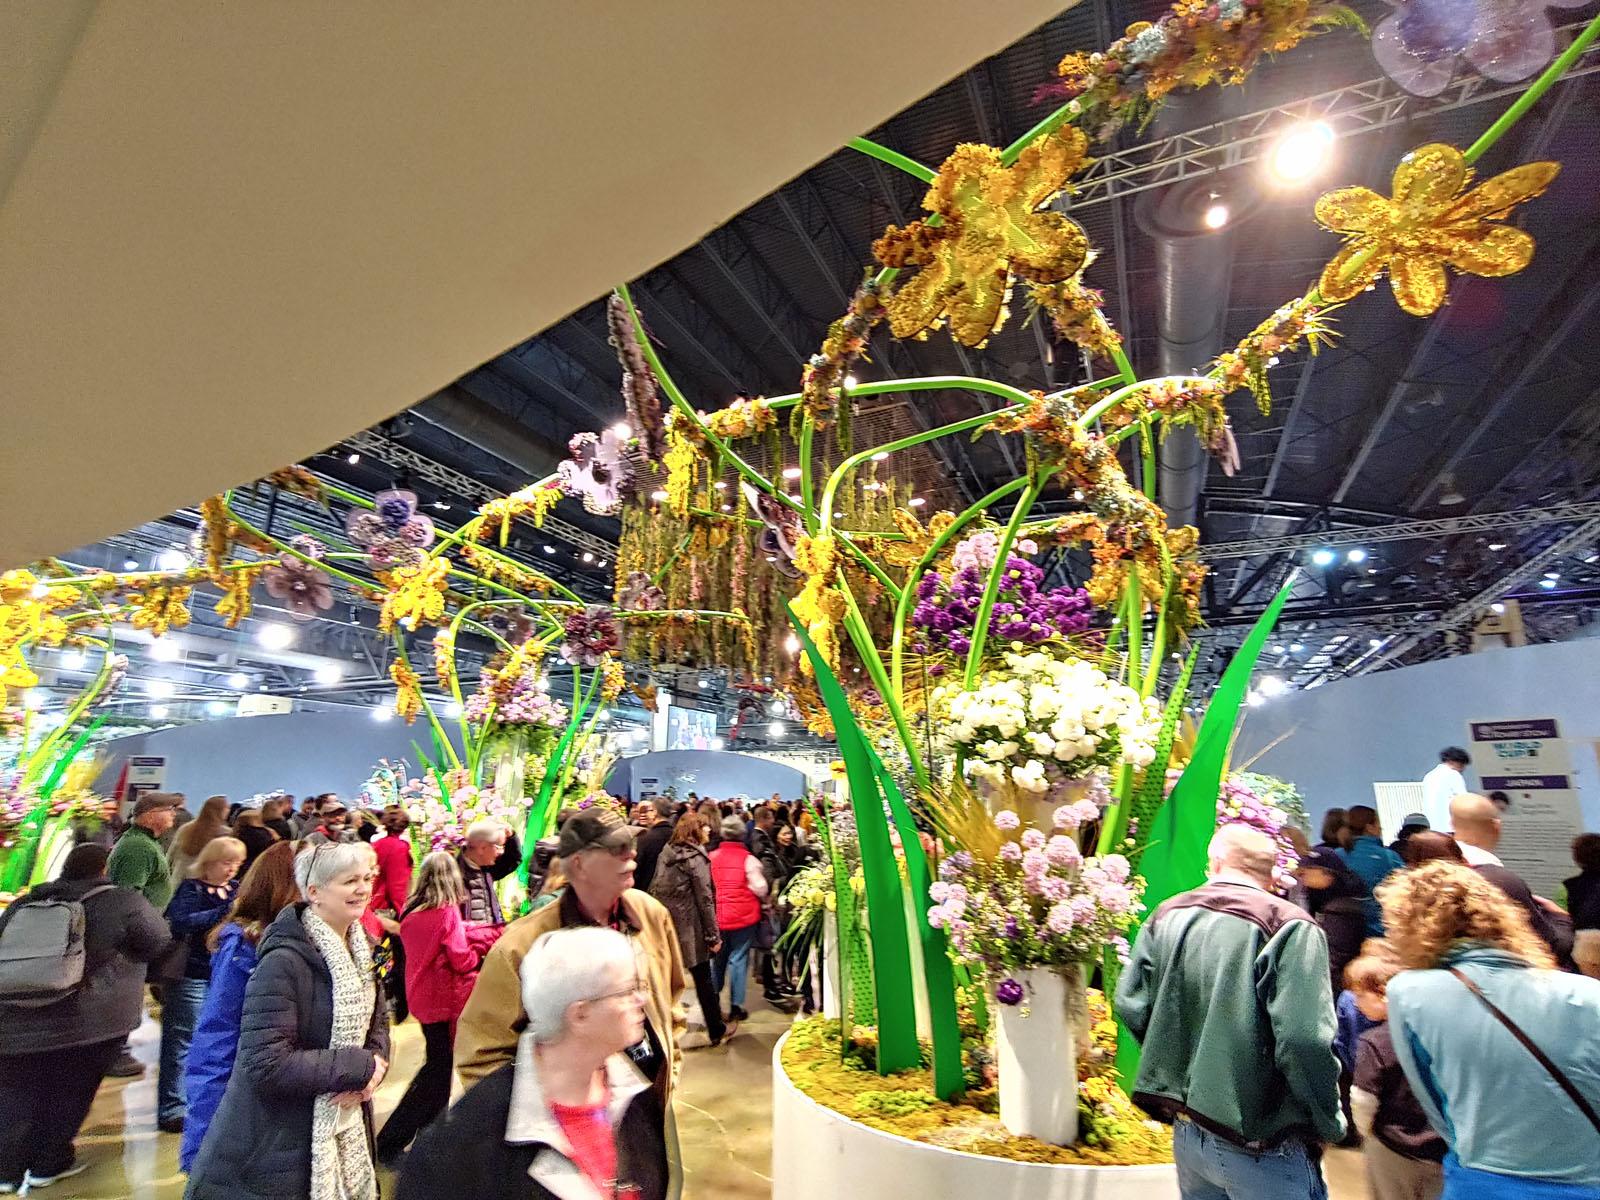 2019 Philadelphia Flower Show Opening Day